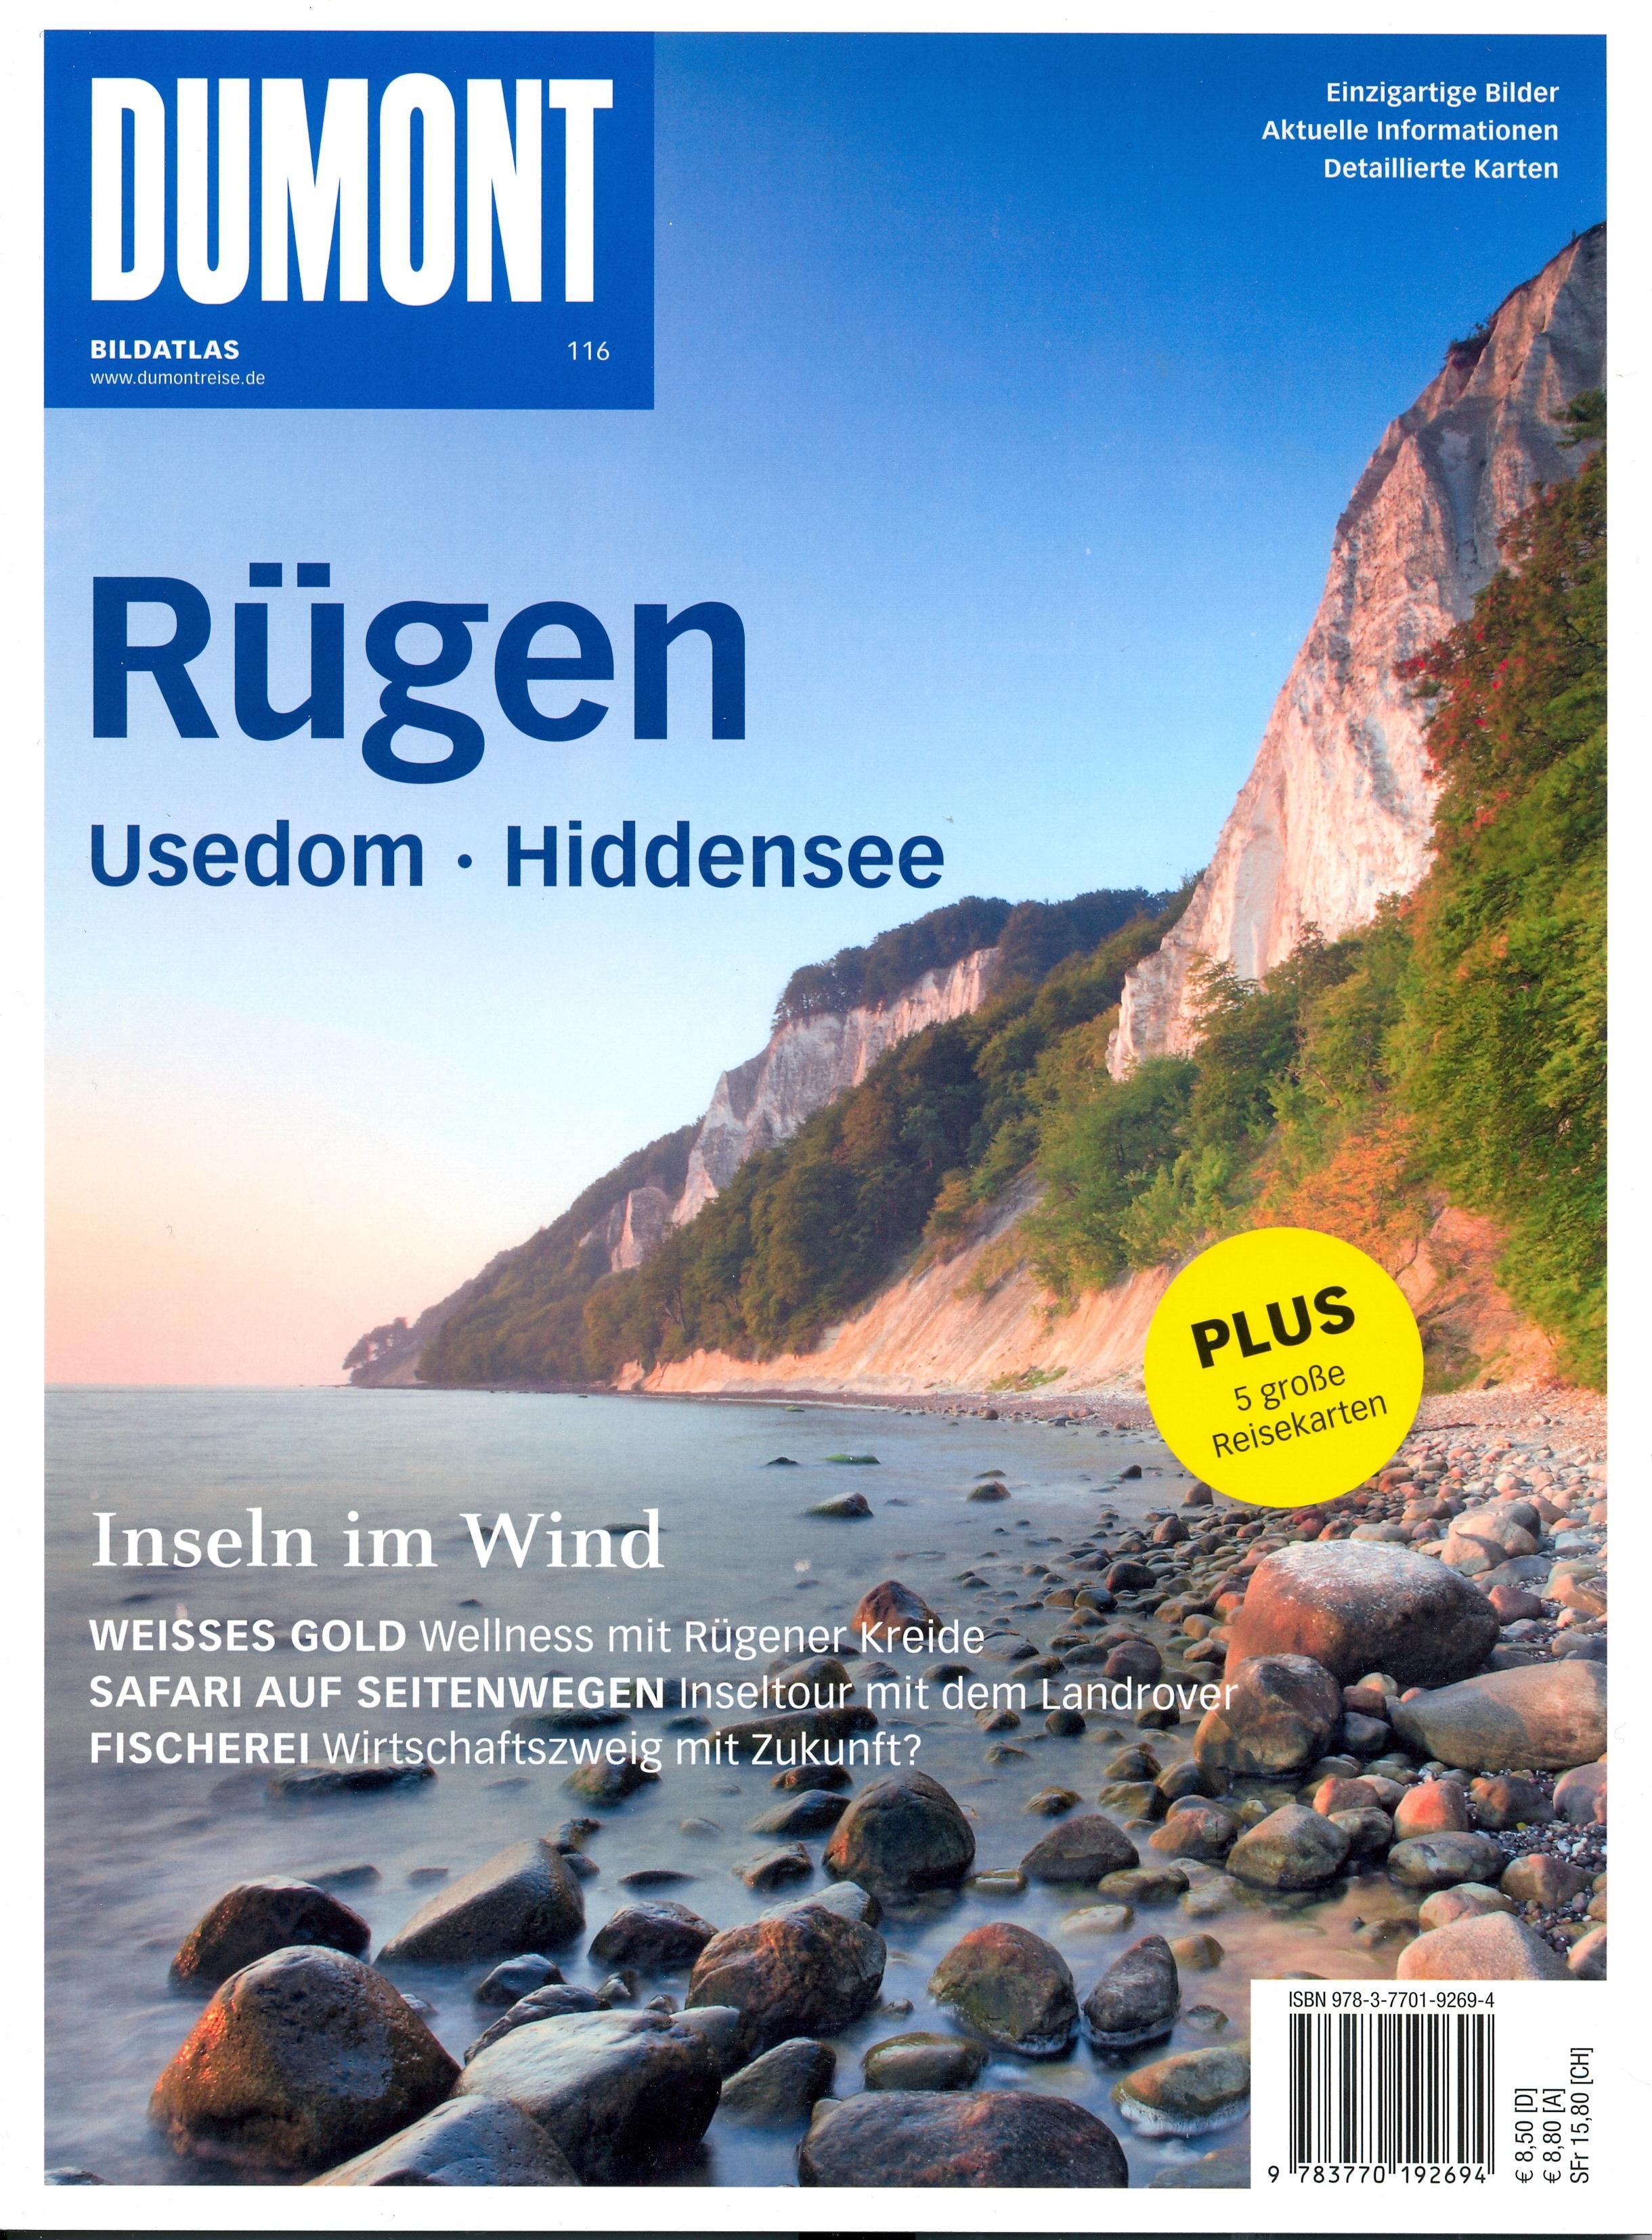 Ruegen DuMont Bildatlas